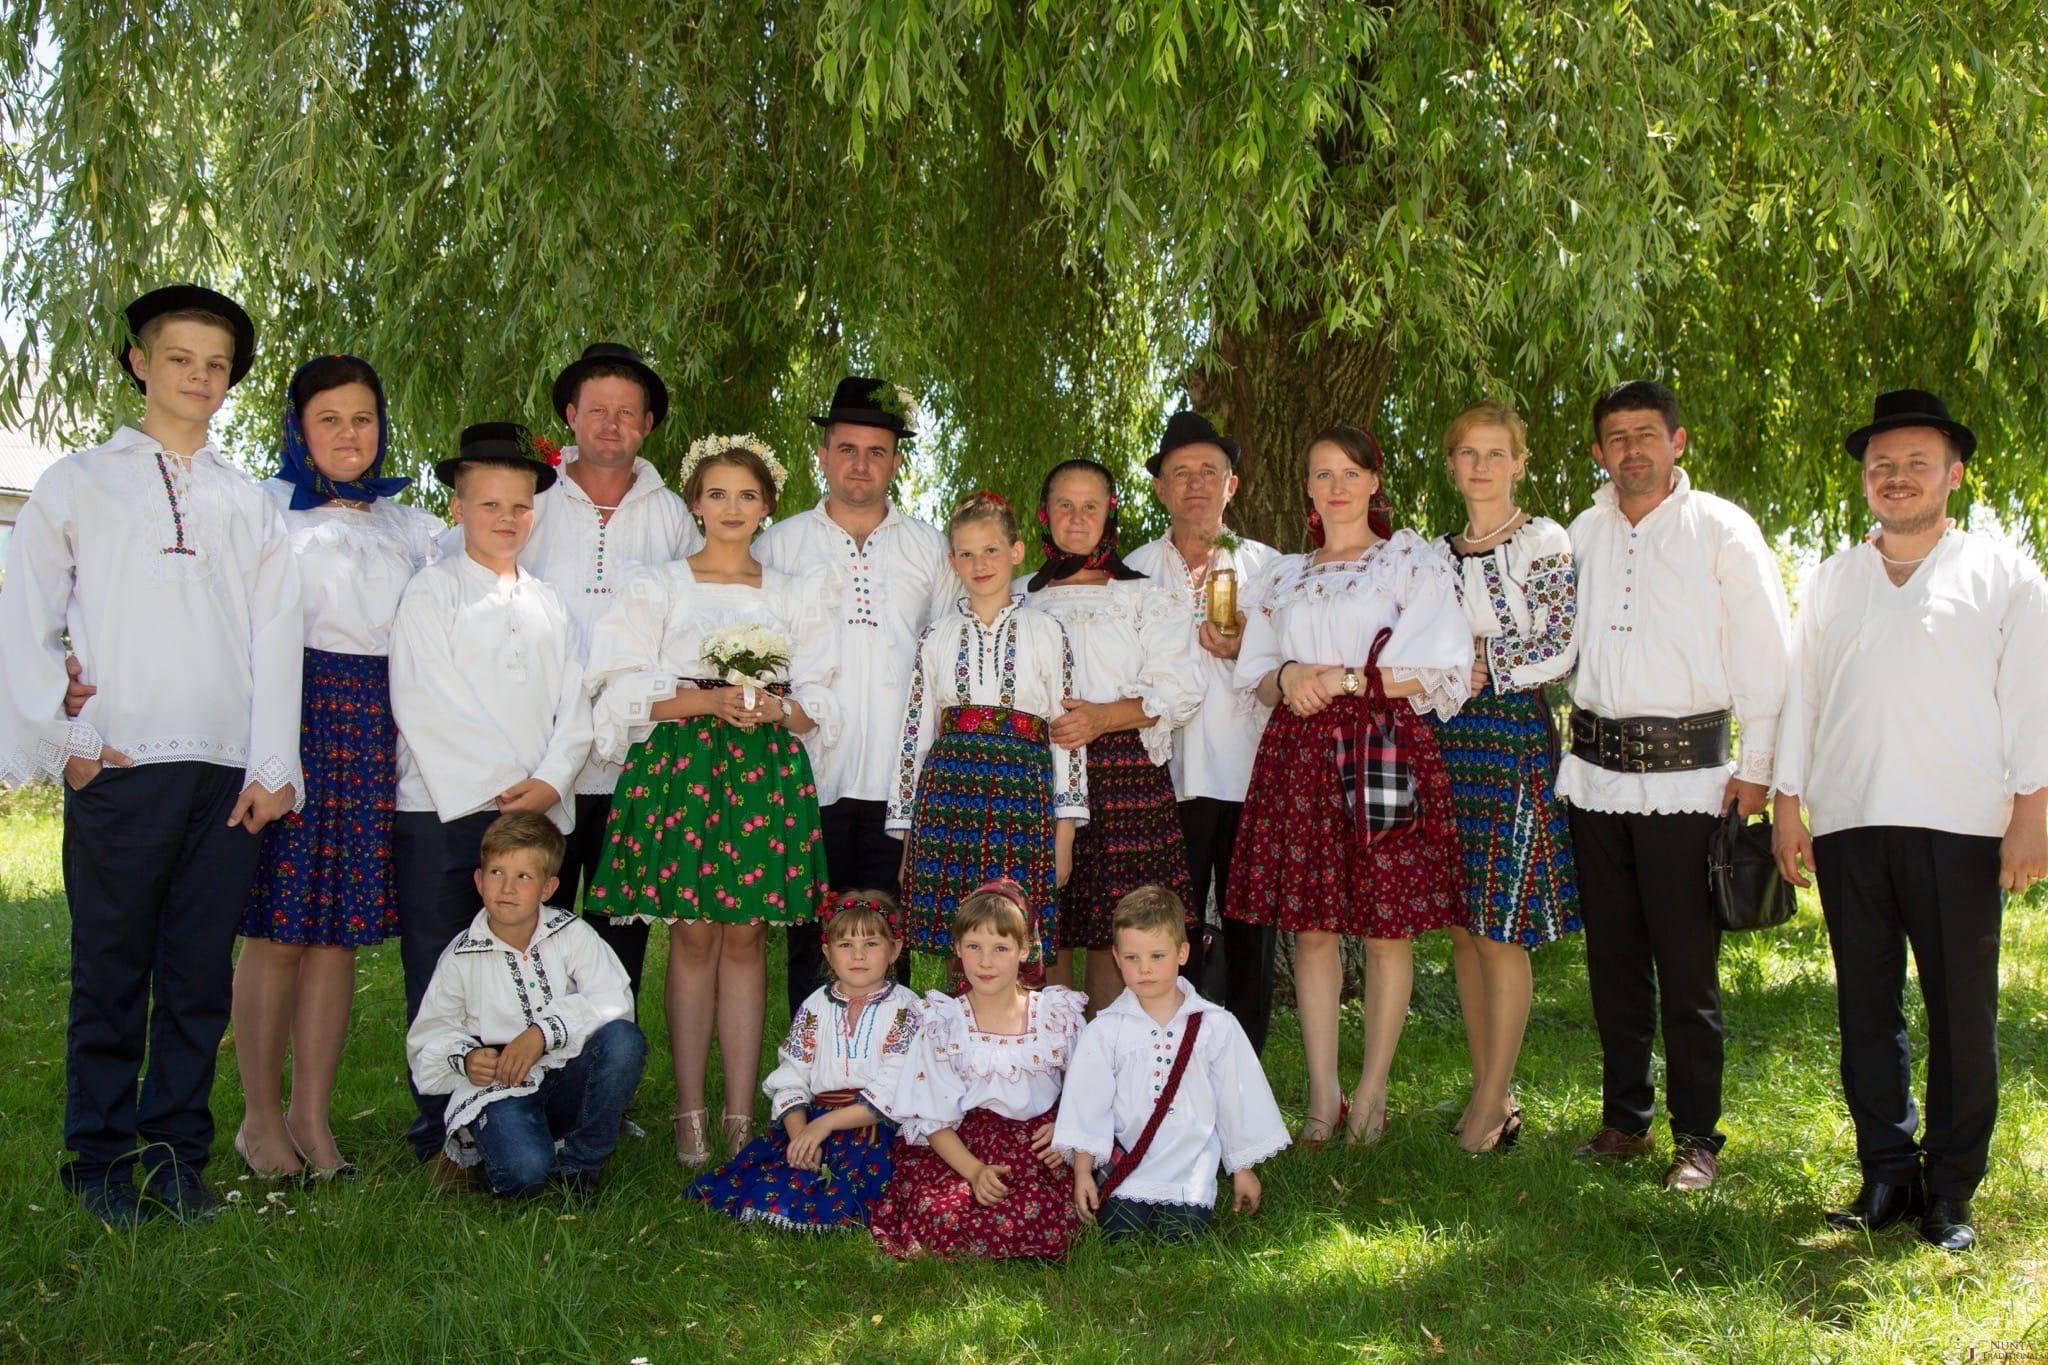 Povești Nunți Tradiționale - Ancuța și Nicu, cununie tradițională în Giulești, Maramureș 29